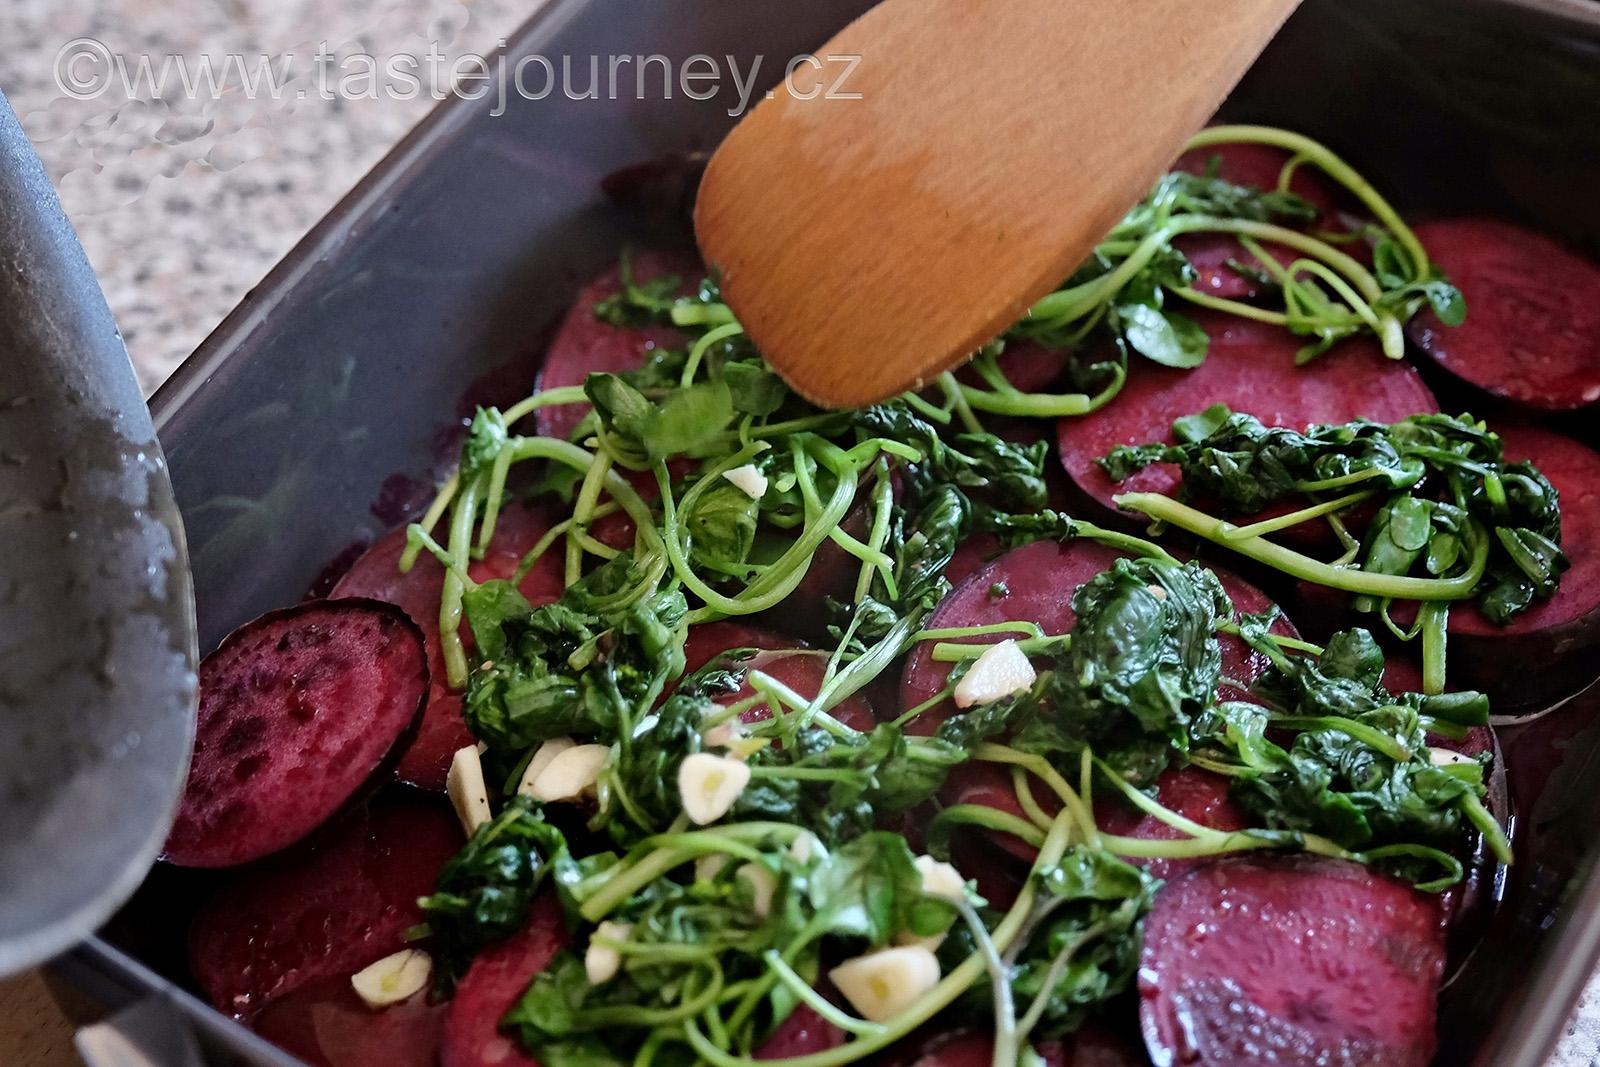 Ke konci pečení přidejte potočnici nebo špenát